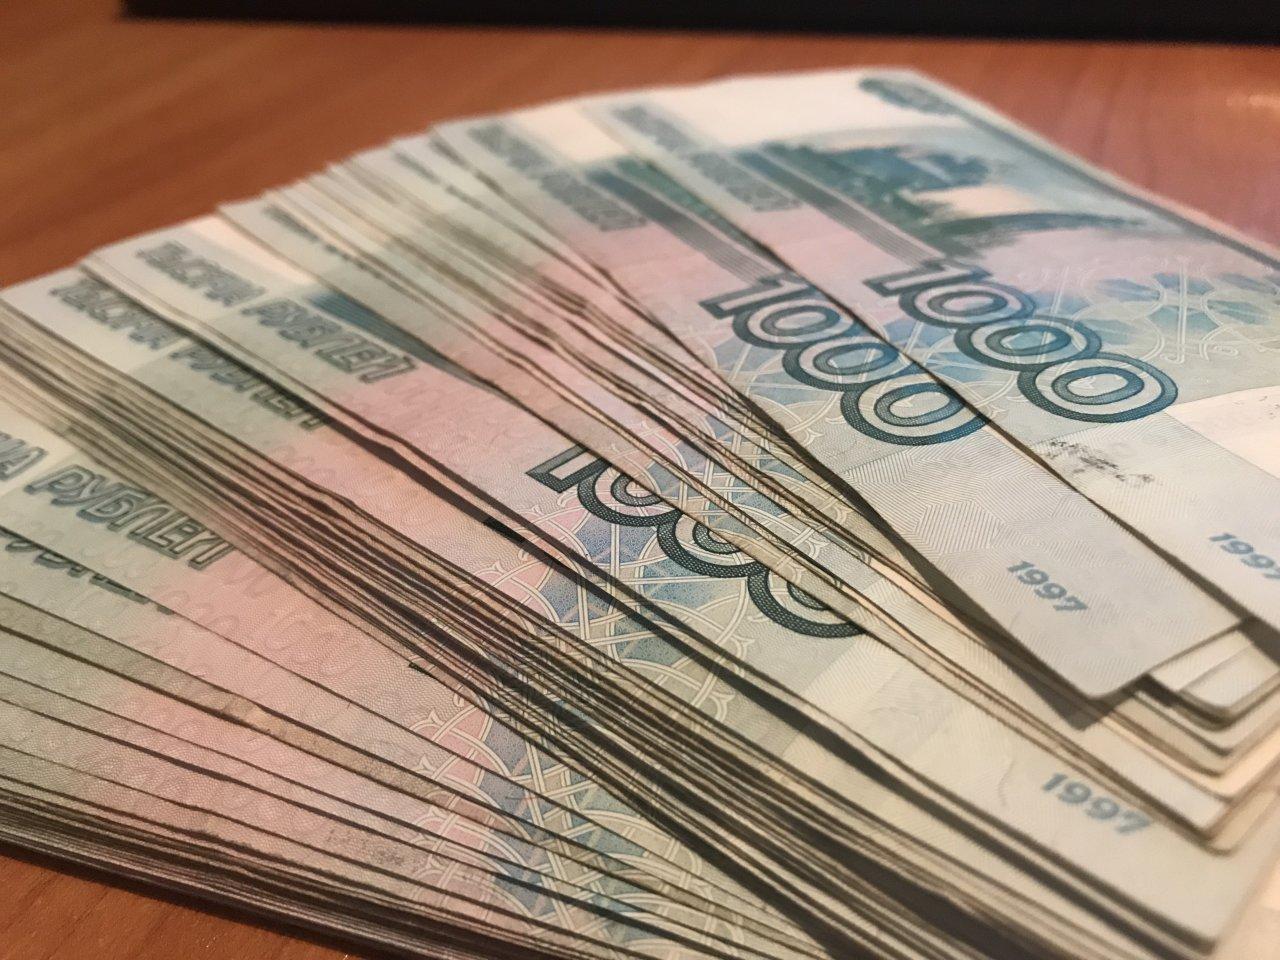 ВЦИОМ: четверть россиян хочет заниматься предпринимательством